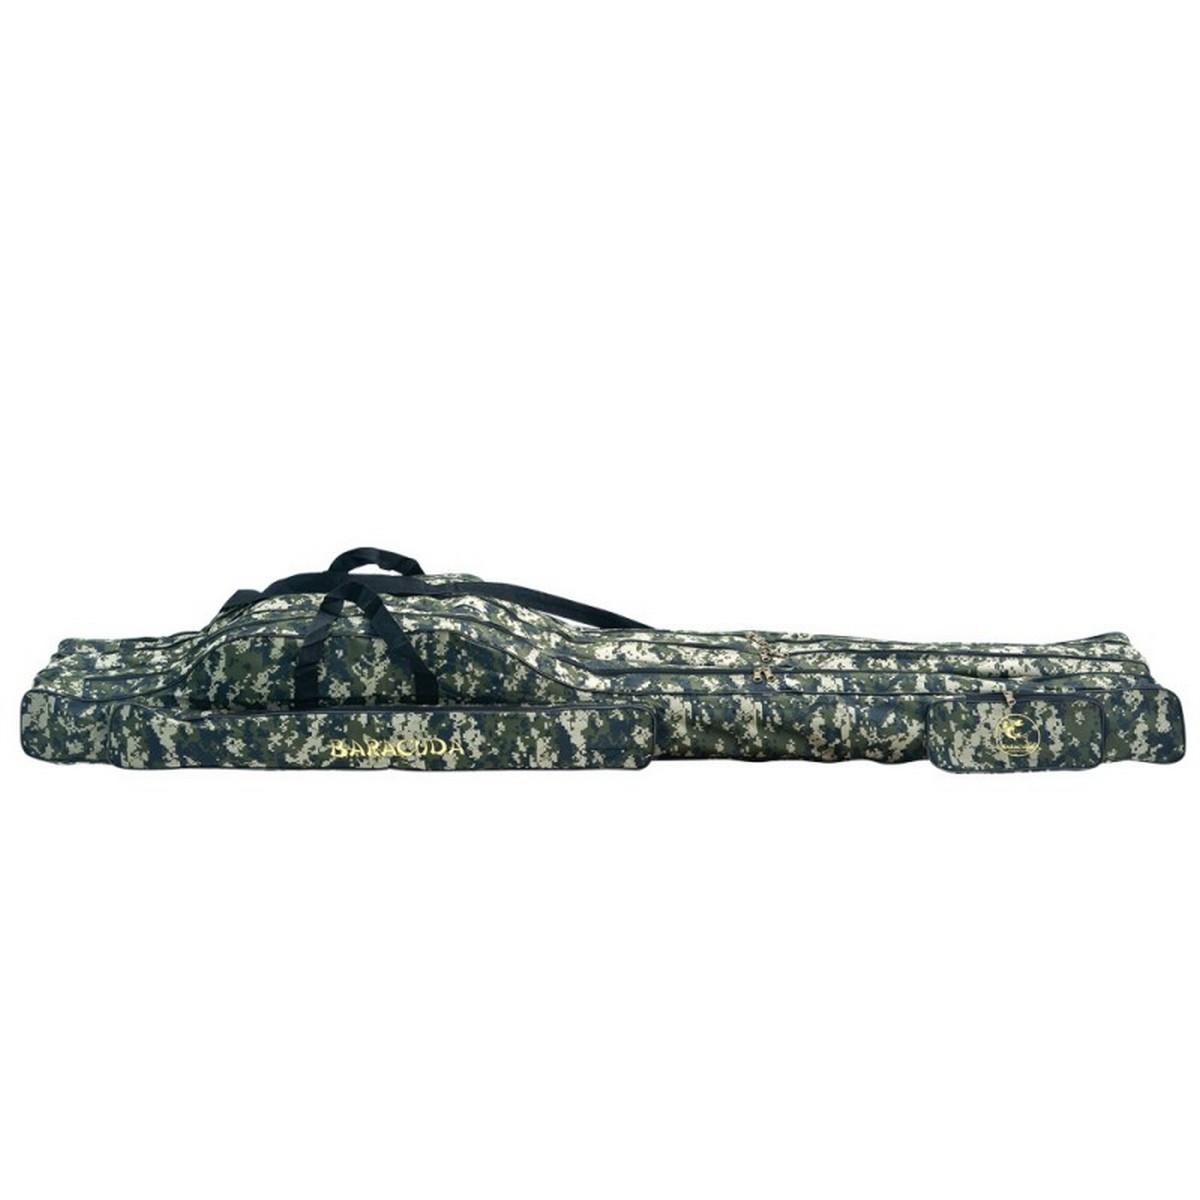 Калъф за шарански въдици Baracuda B38 195см троен